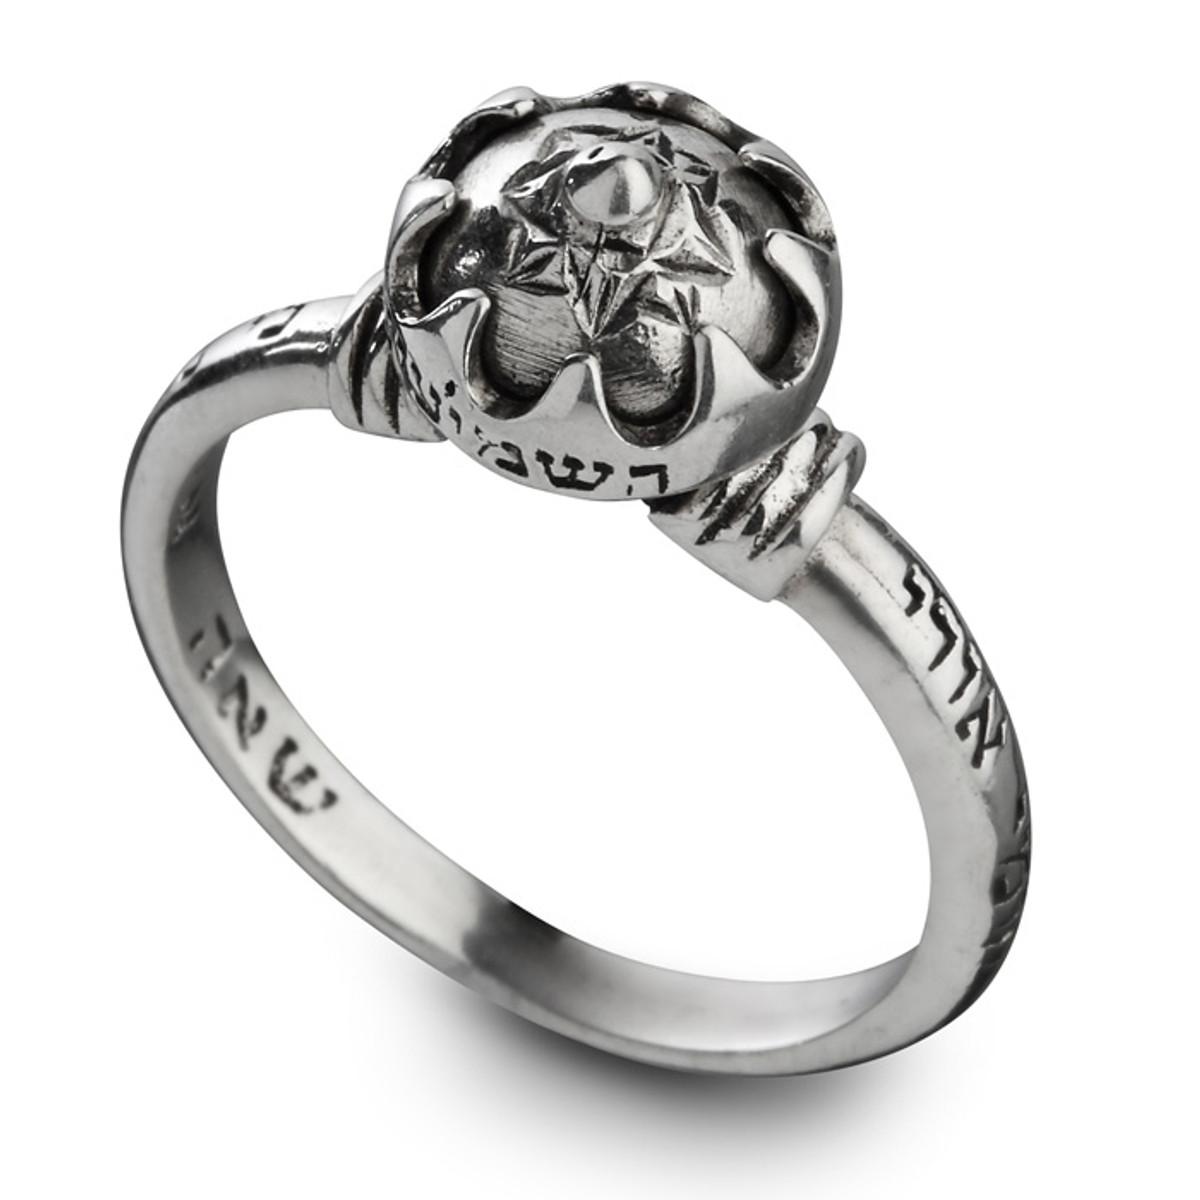 Silver HaShmi'ini Ring by Haari